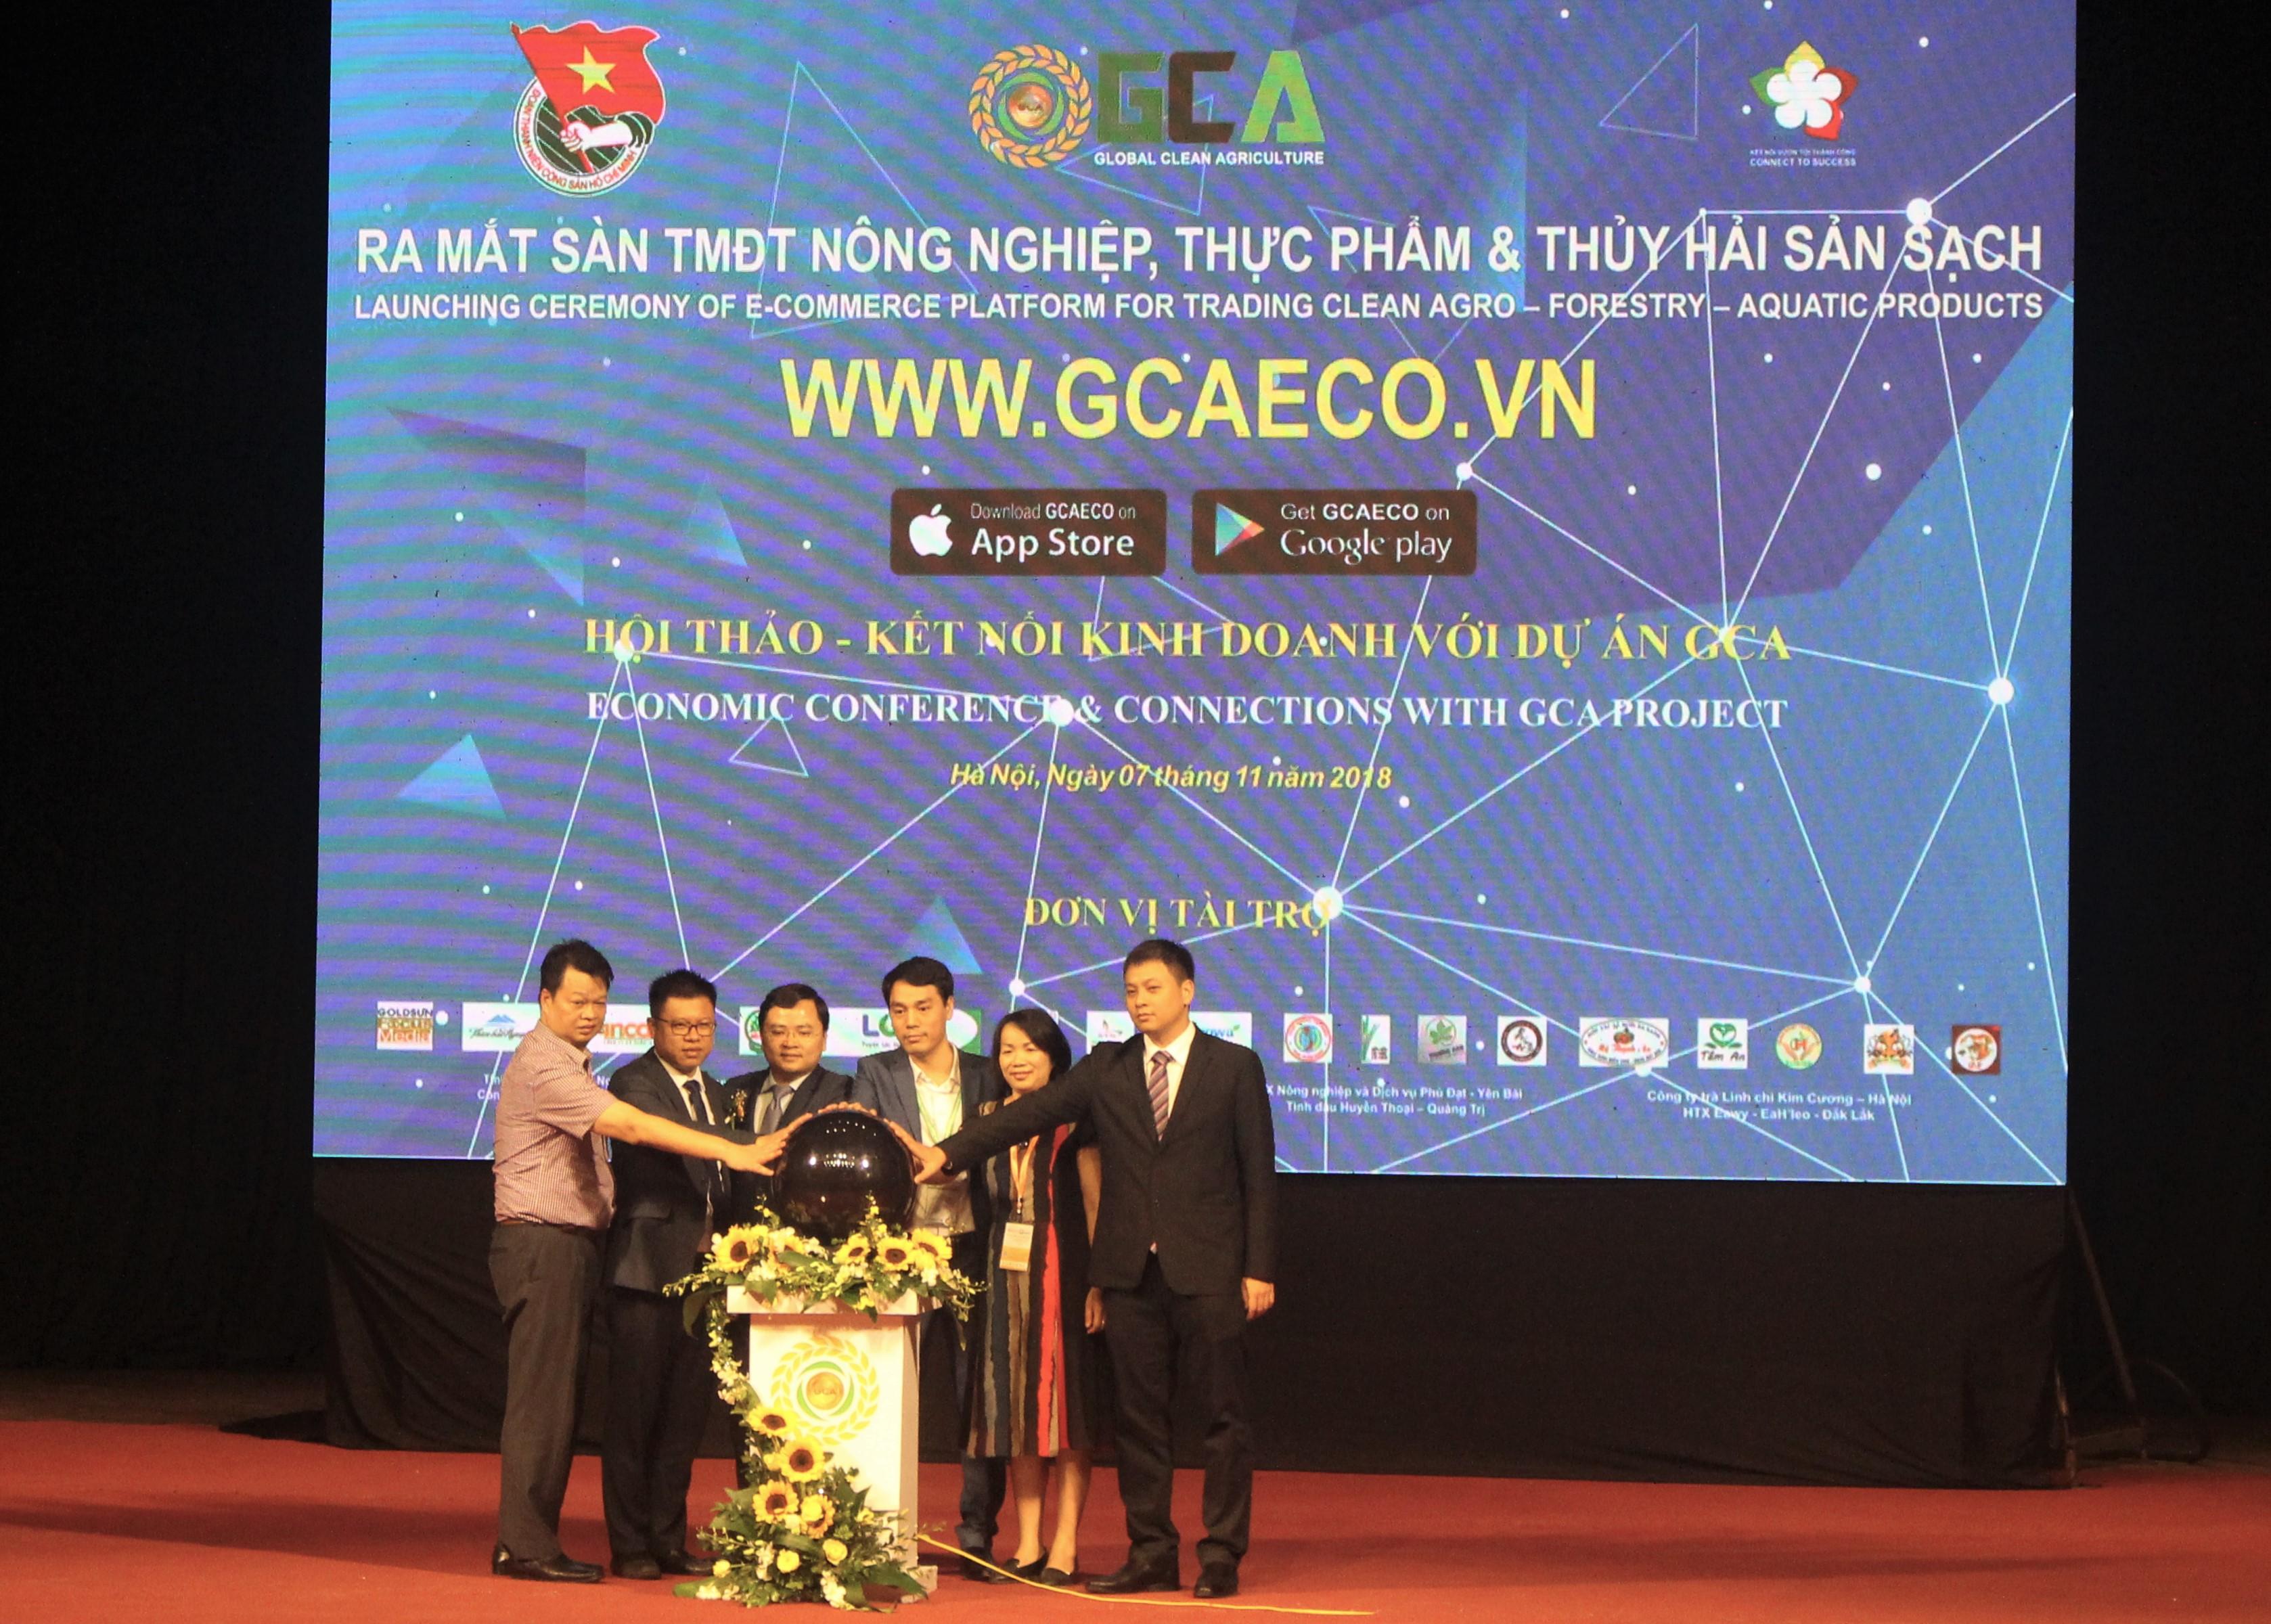 Ra mắt chợ online uy tín cho nông sản Việt